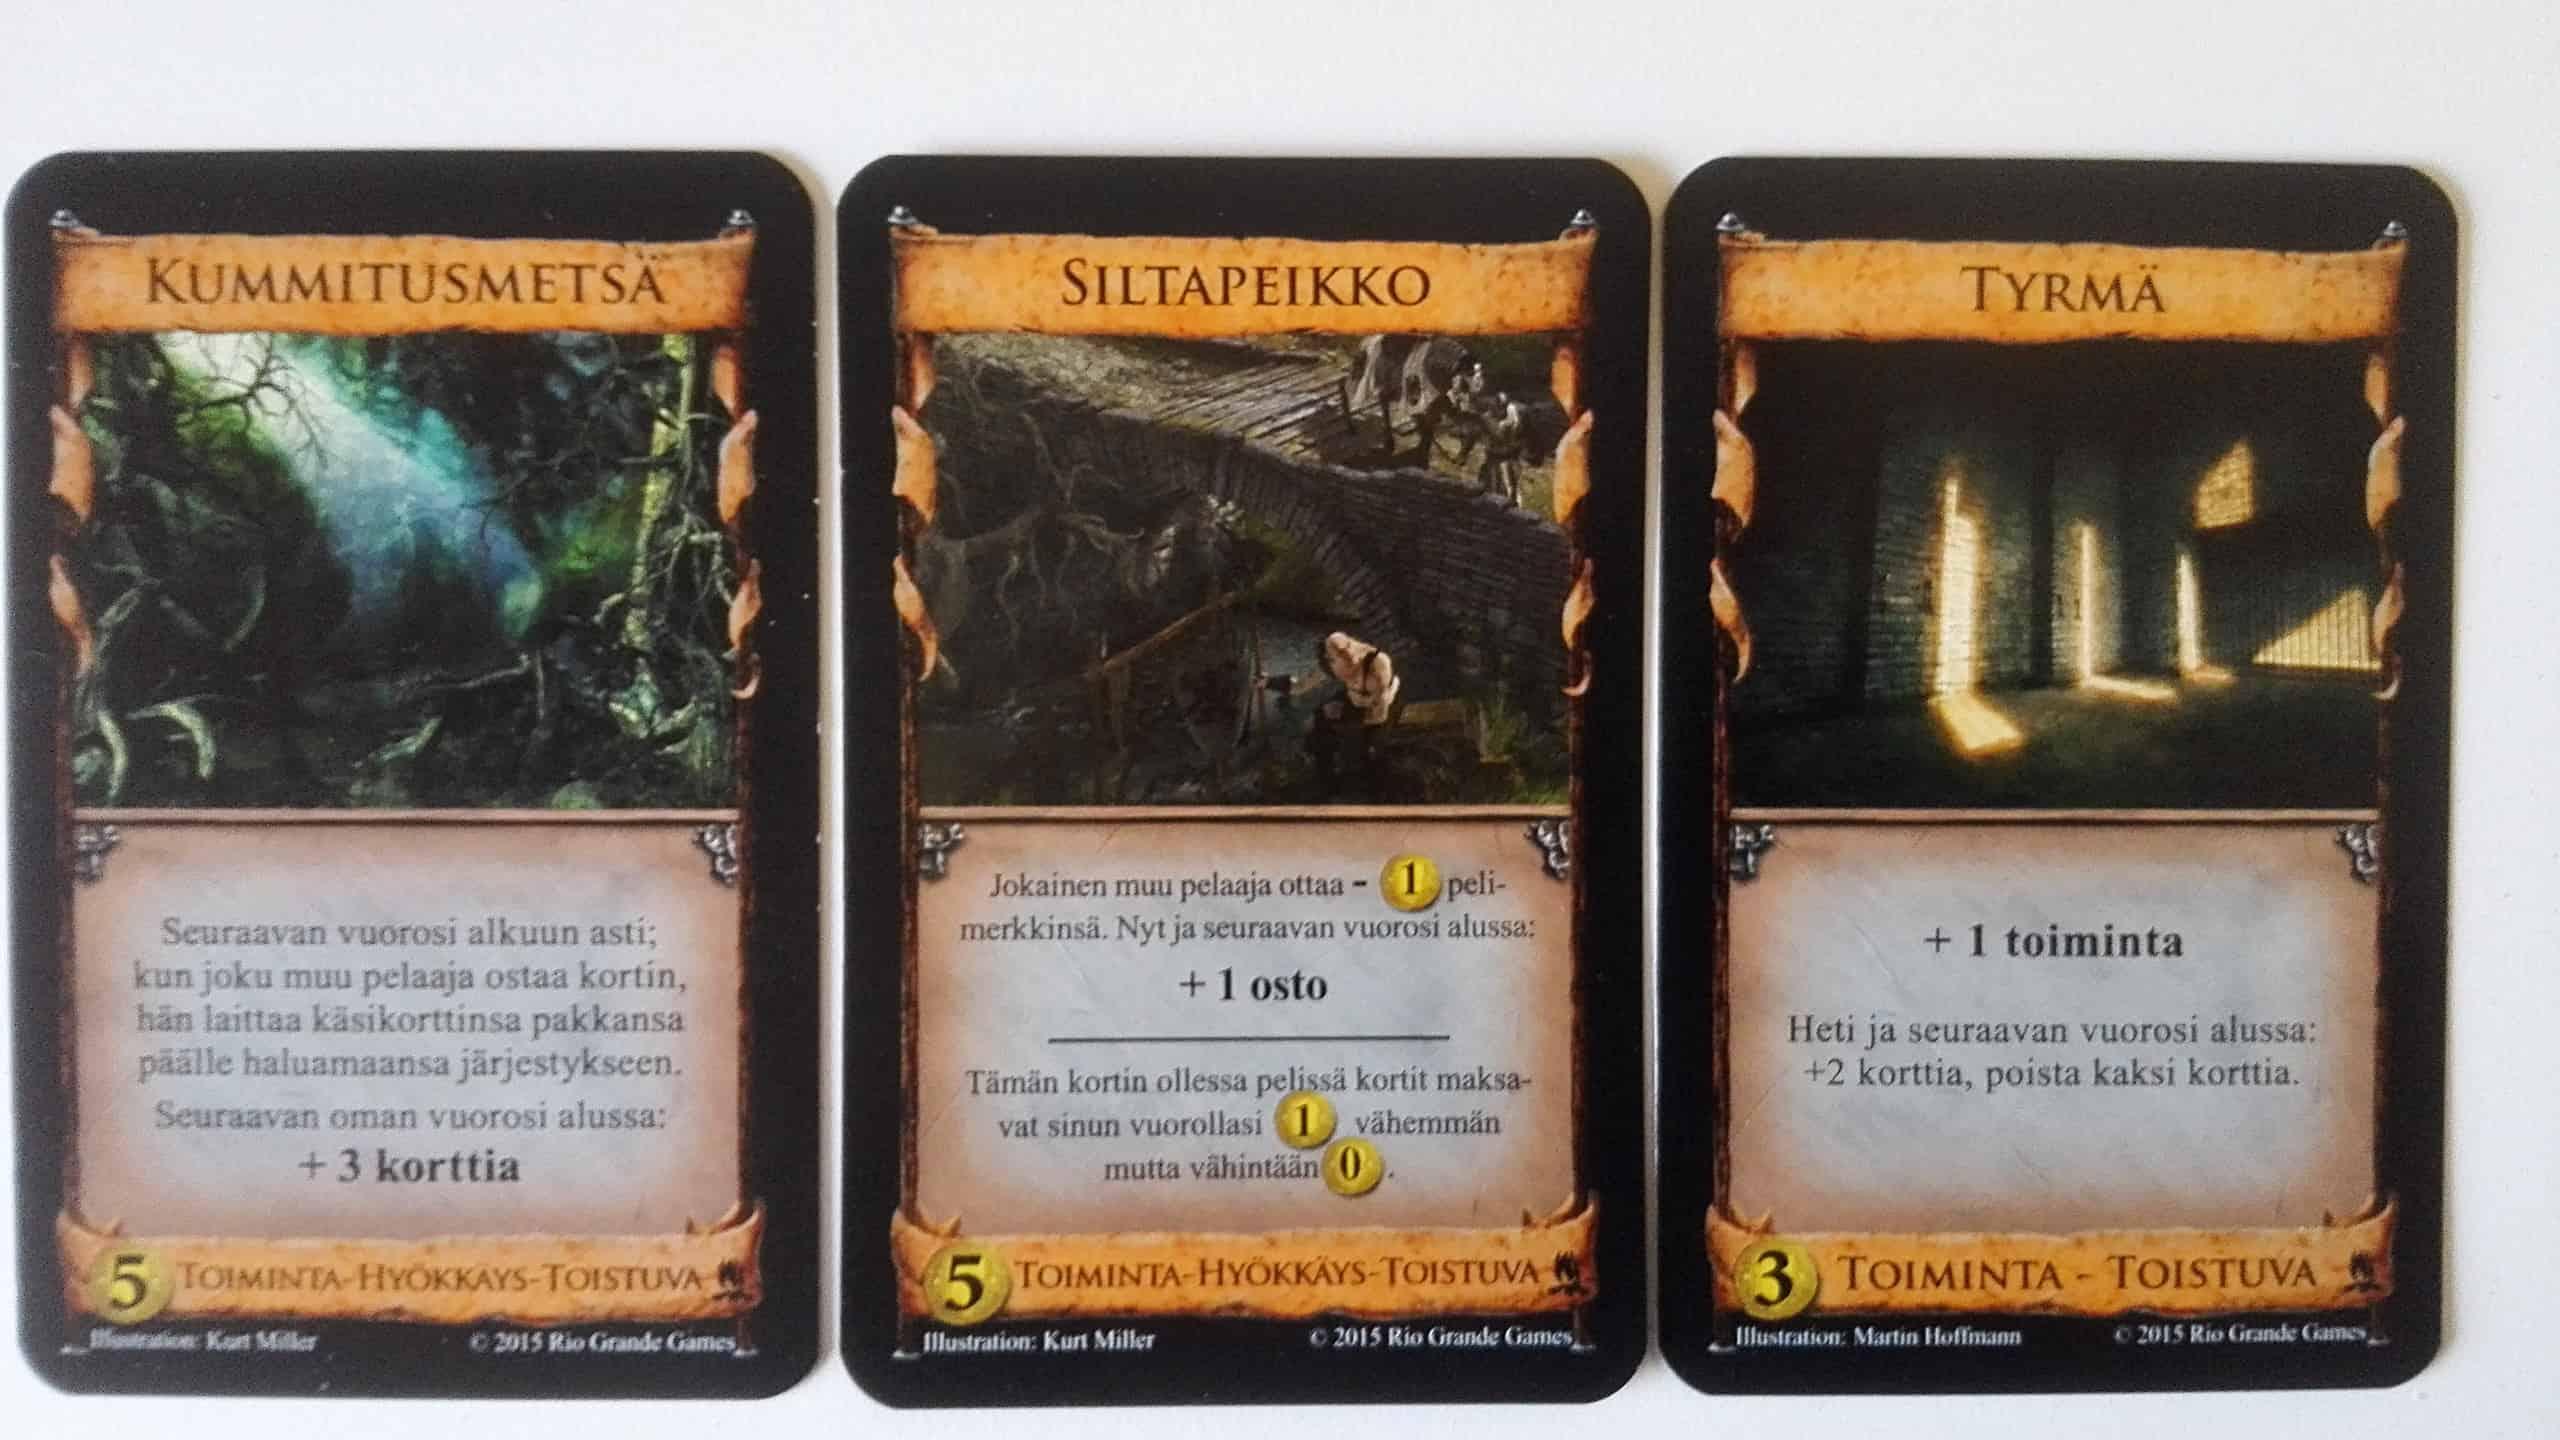 Kolme toistuvaa korttia: Kummitusmetsä, Siltapeikko ja Tyrmä